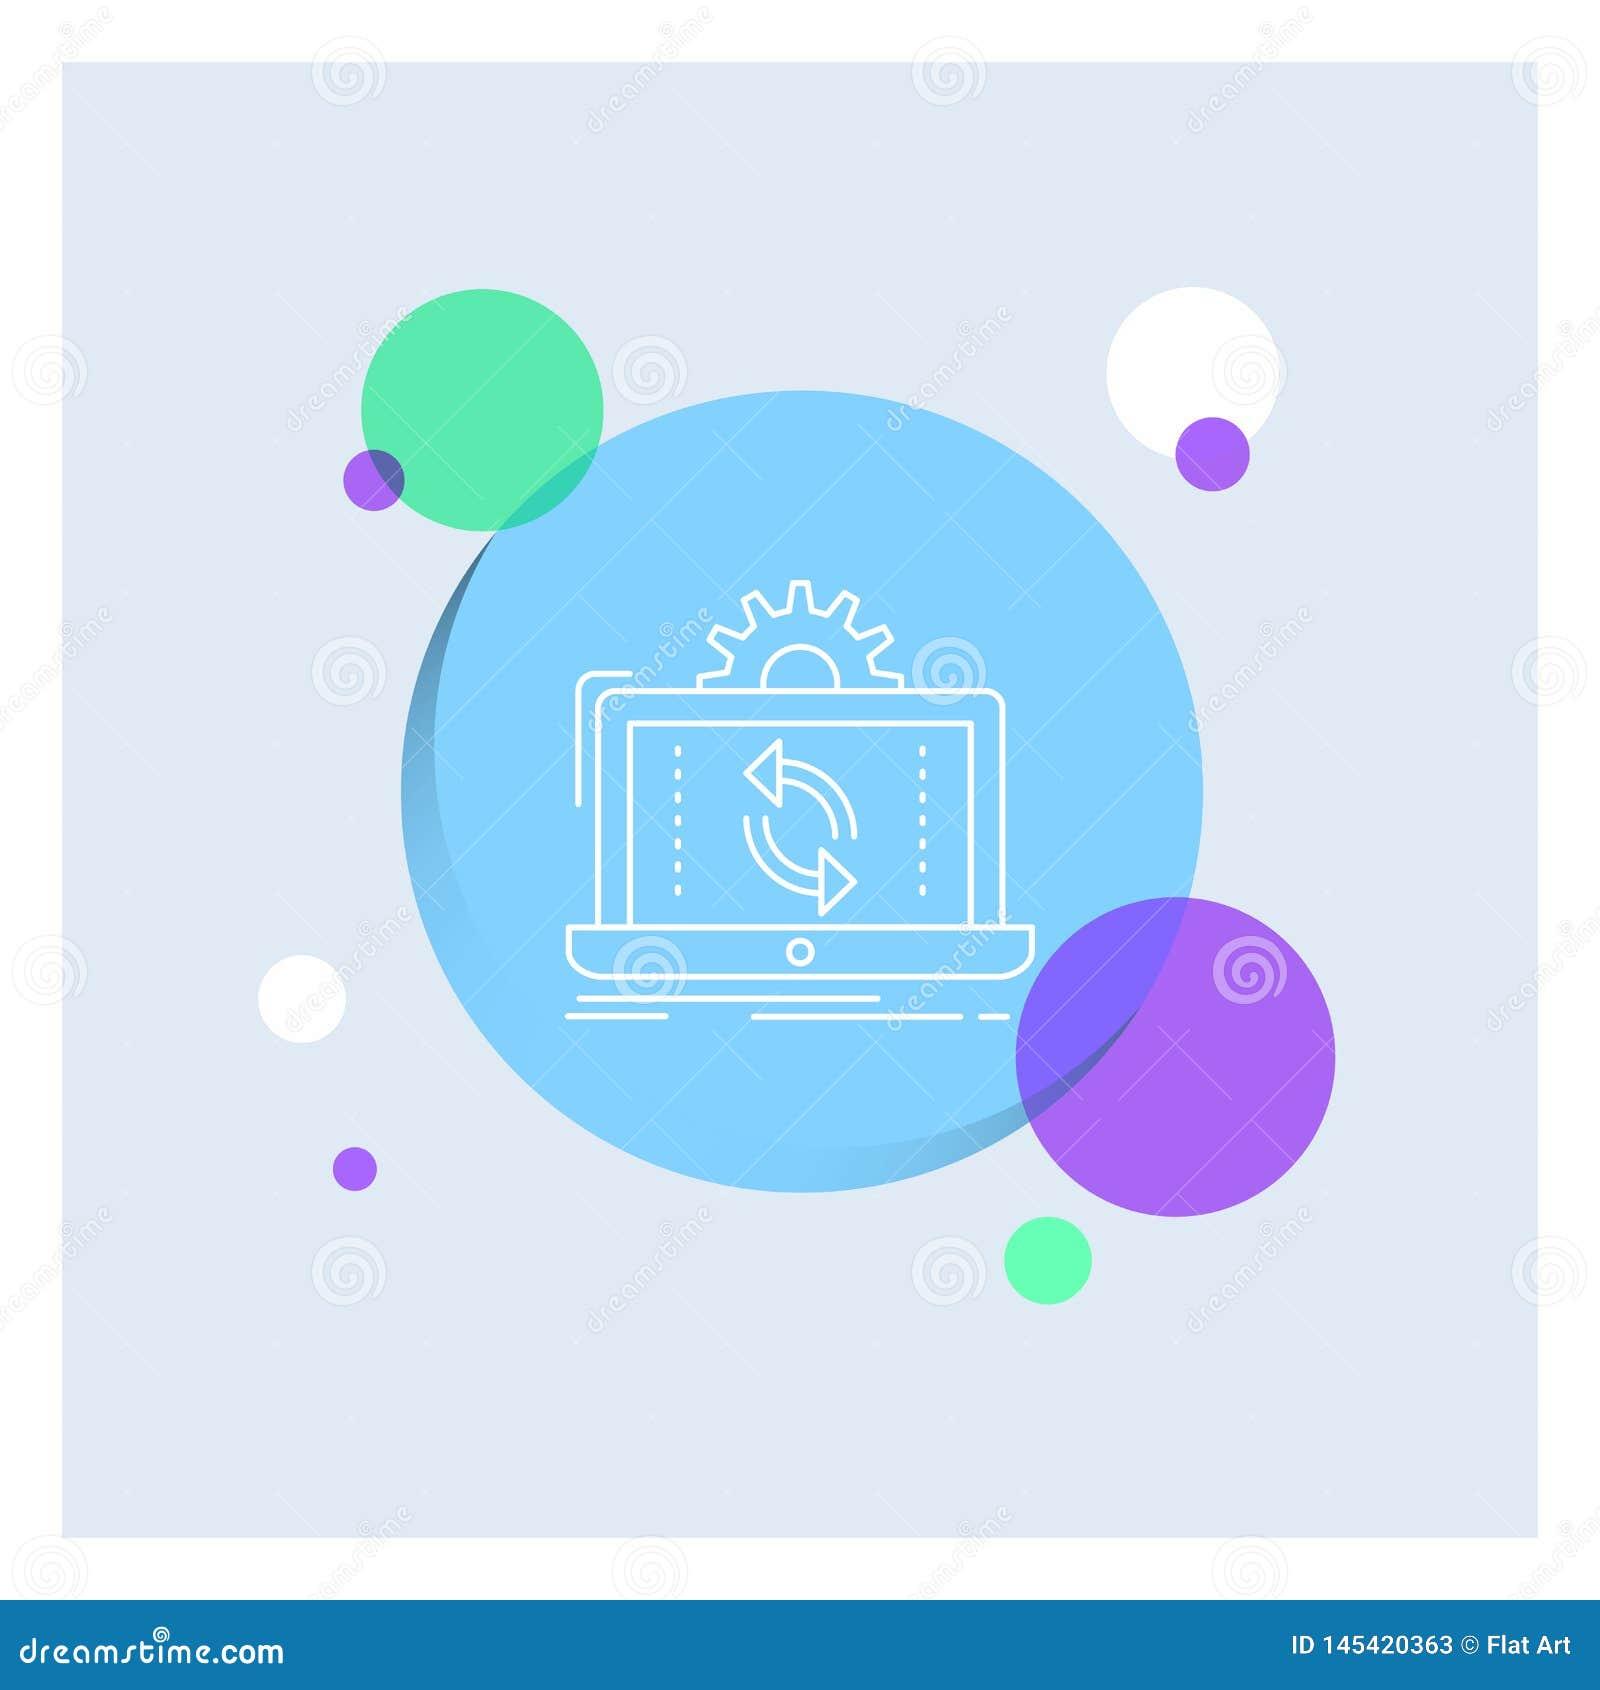 Datos, procesando, análisis, información, línea blanca fondo colorido de la sincronización del círculo del icono